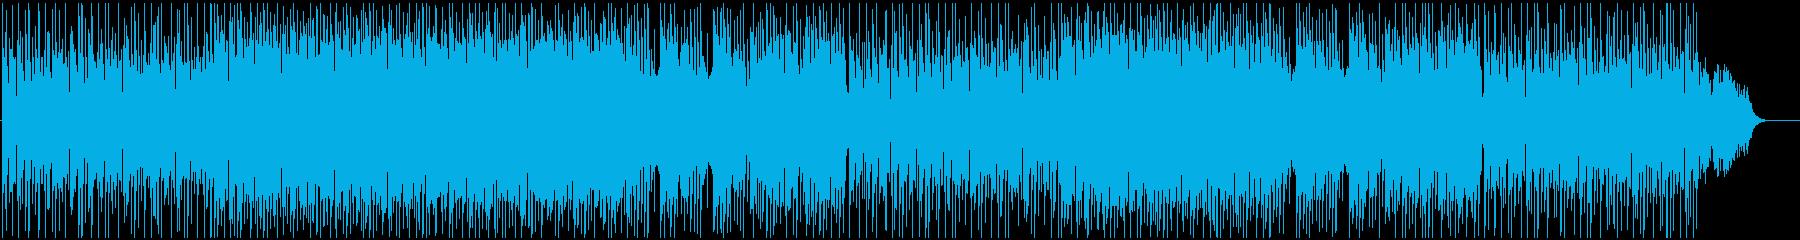 軽快で明るいメロディーのBGMの再生済みの波形